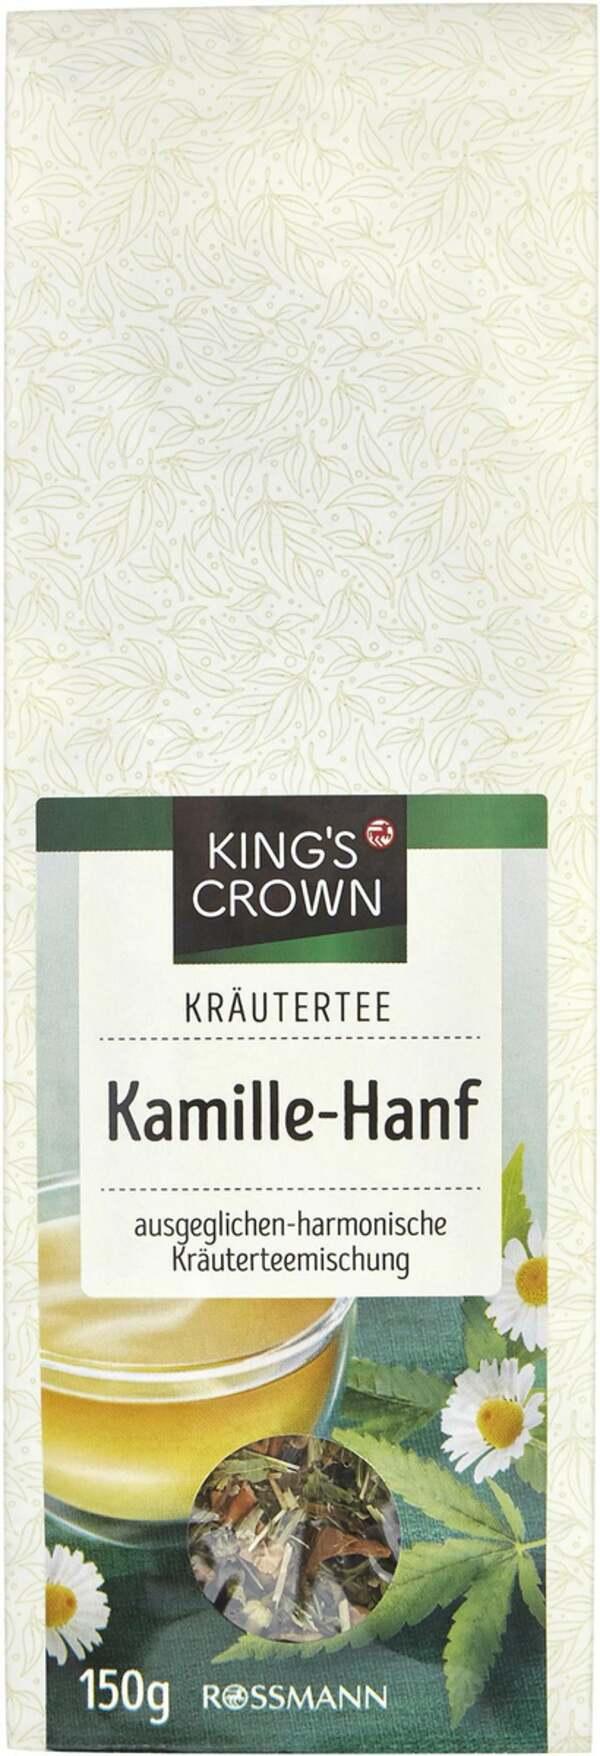 King's Crown Kräutertee Hanf-Kamille